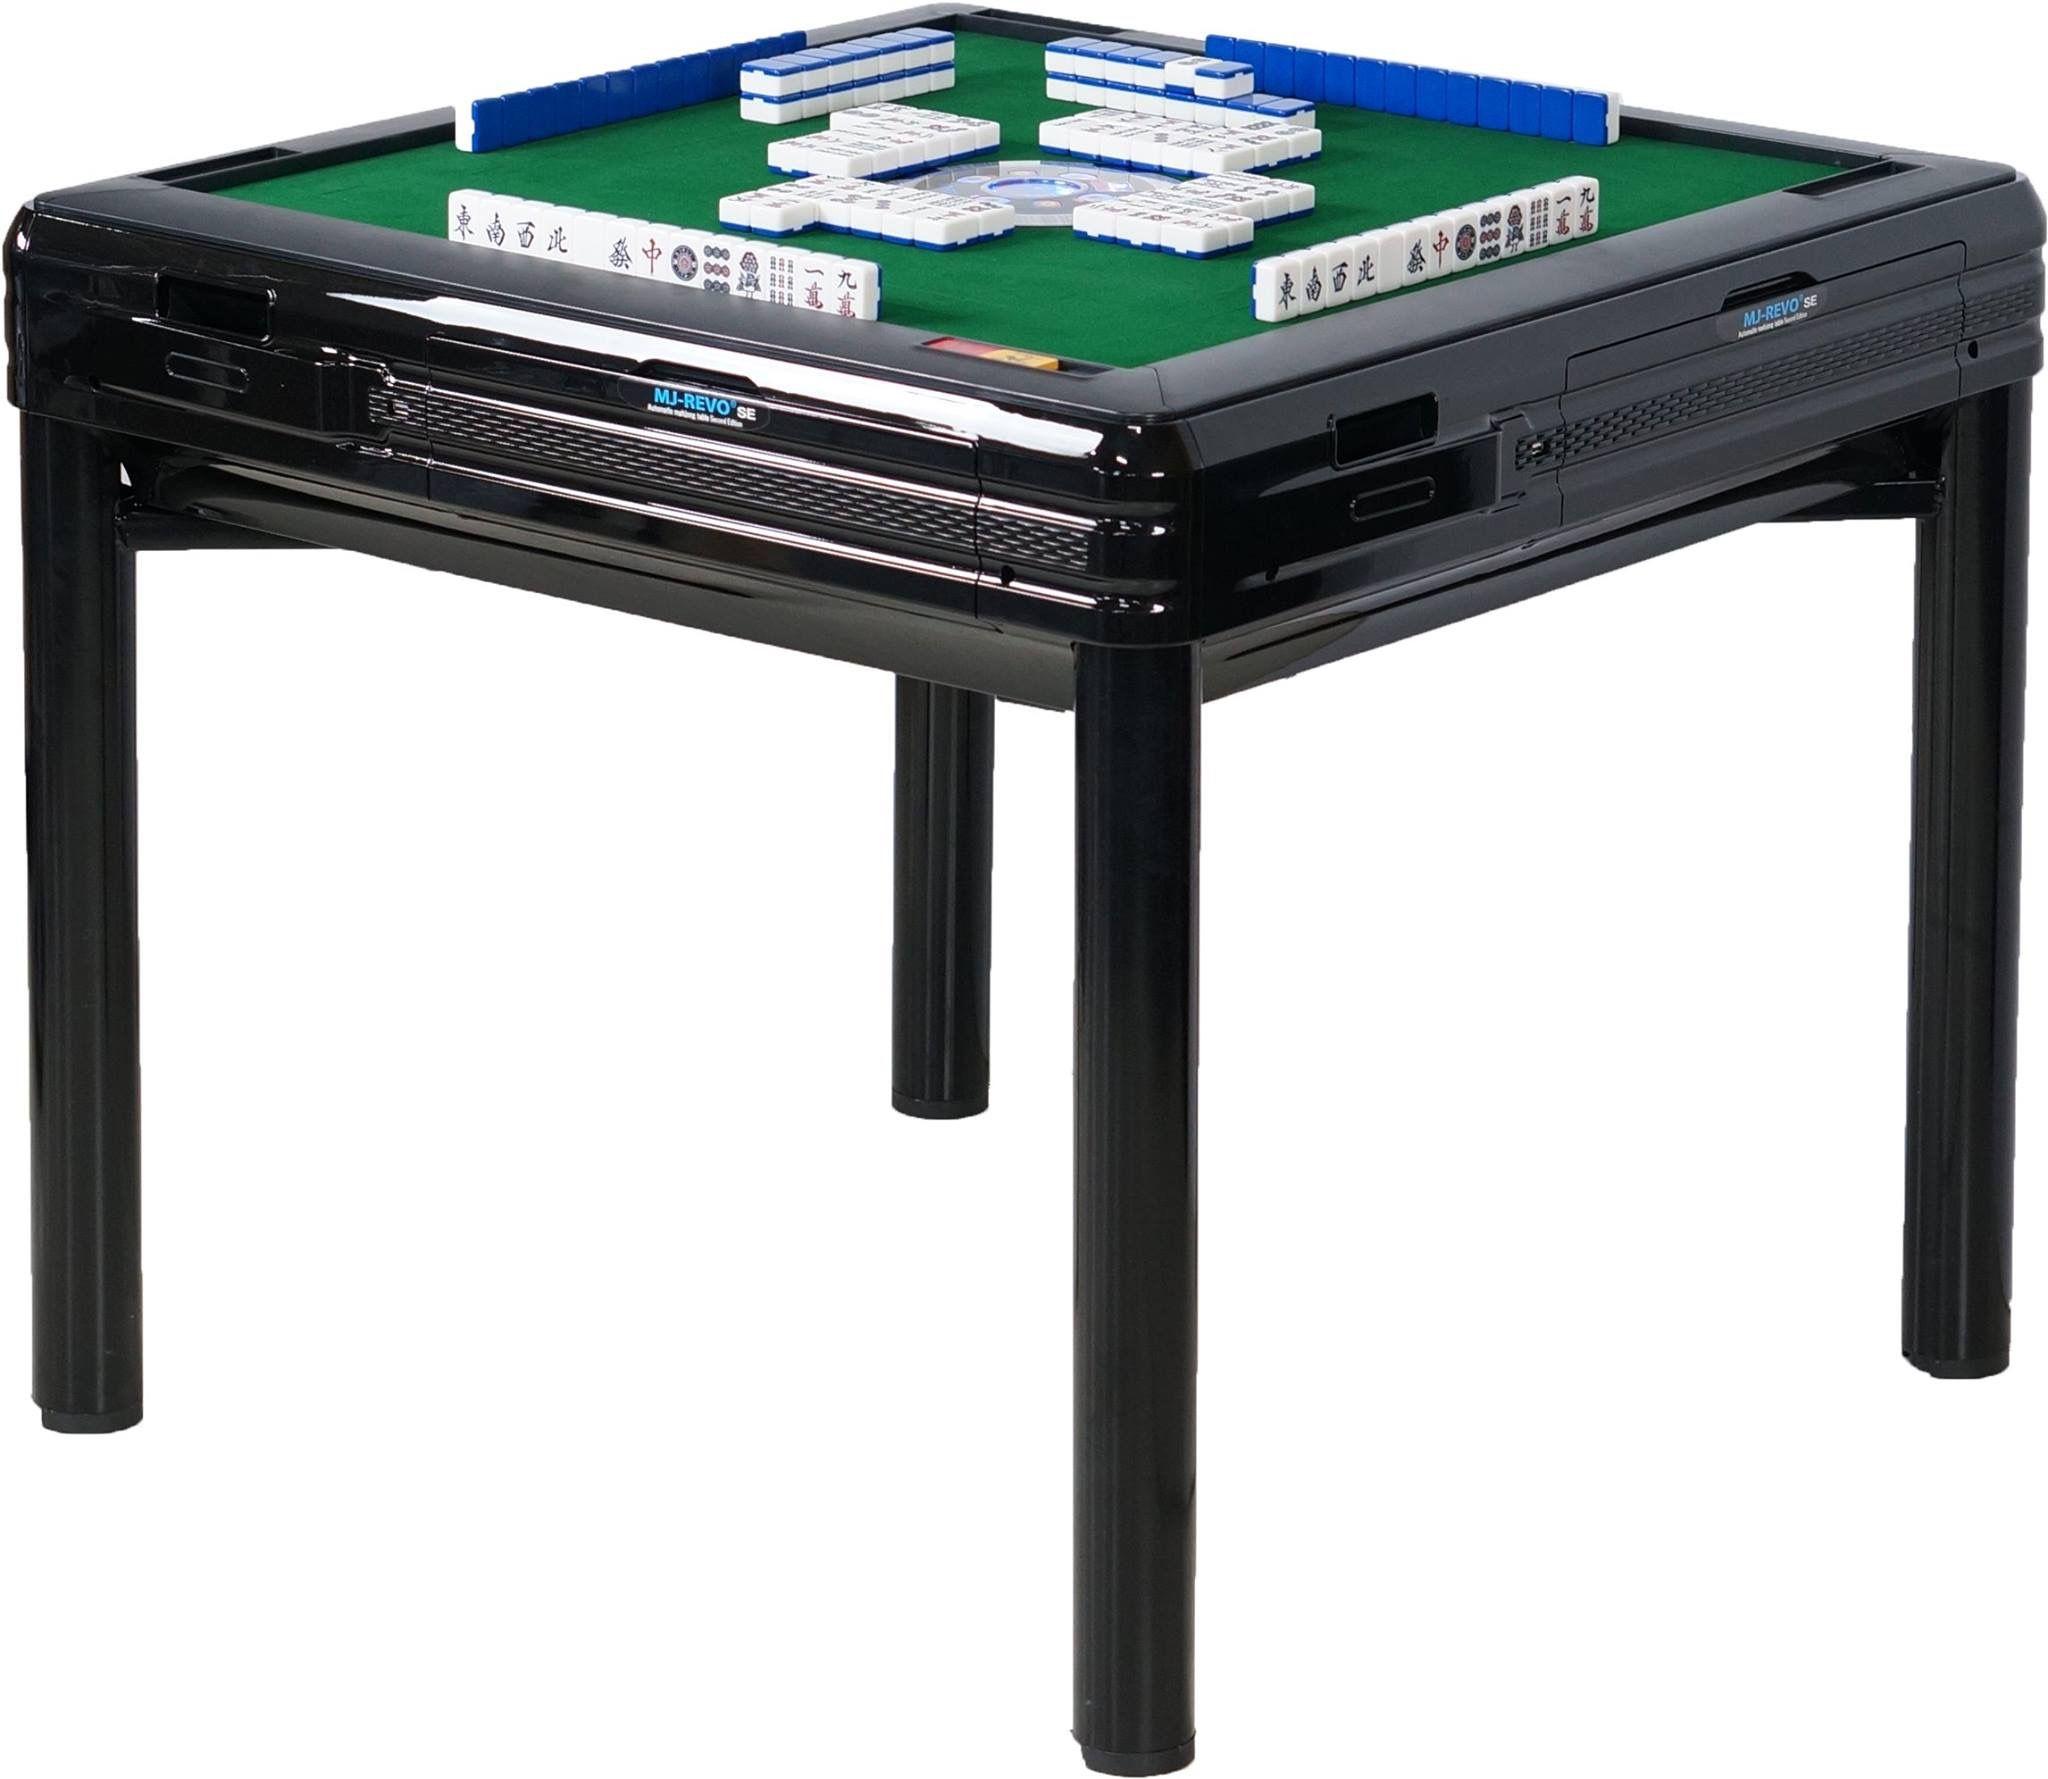 Riichi Automatic Mahjong Table Riichi Auto Mahjong Table Japanese